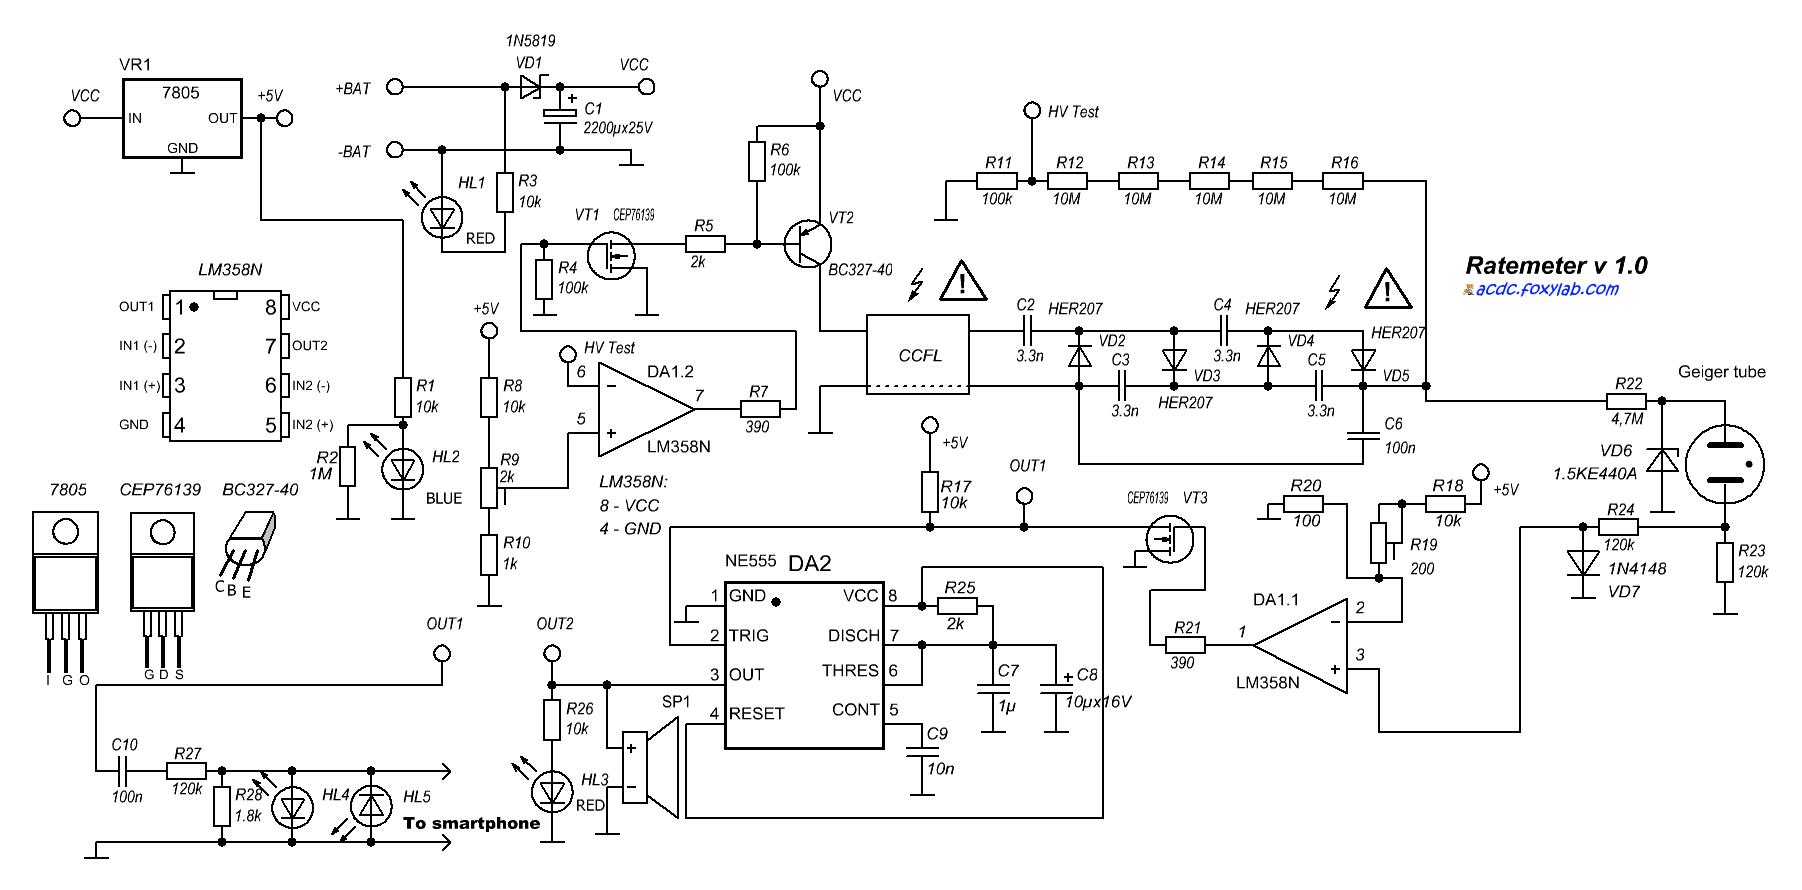 принципиальная схема дозиметра